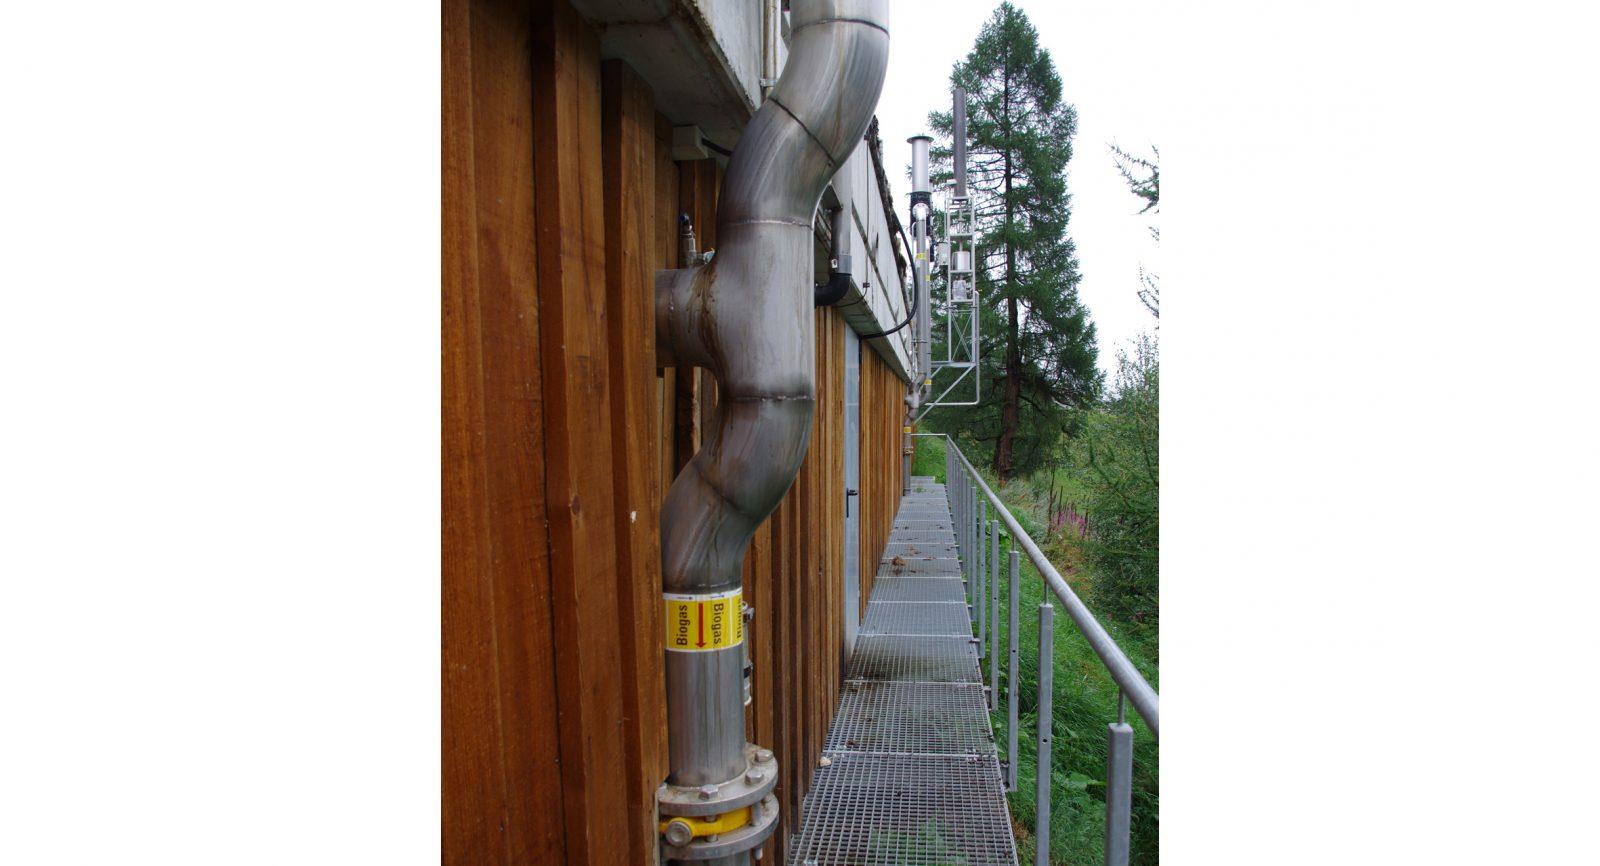 Fermenter, Nachgärer, Endlager und Gaslager sind im Gebäude integriert, was Geruchsemissionen verhindert. Angebaute Abfackelungseinrichtungen dienen der Notfallbewältigungen.